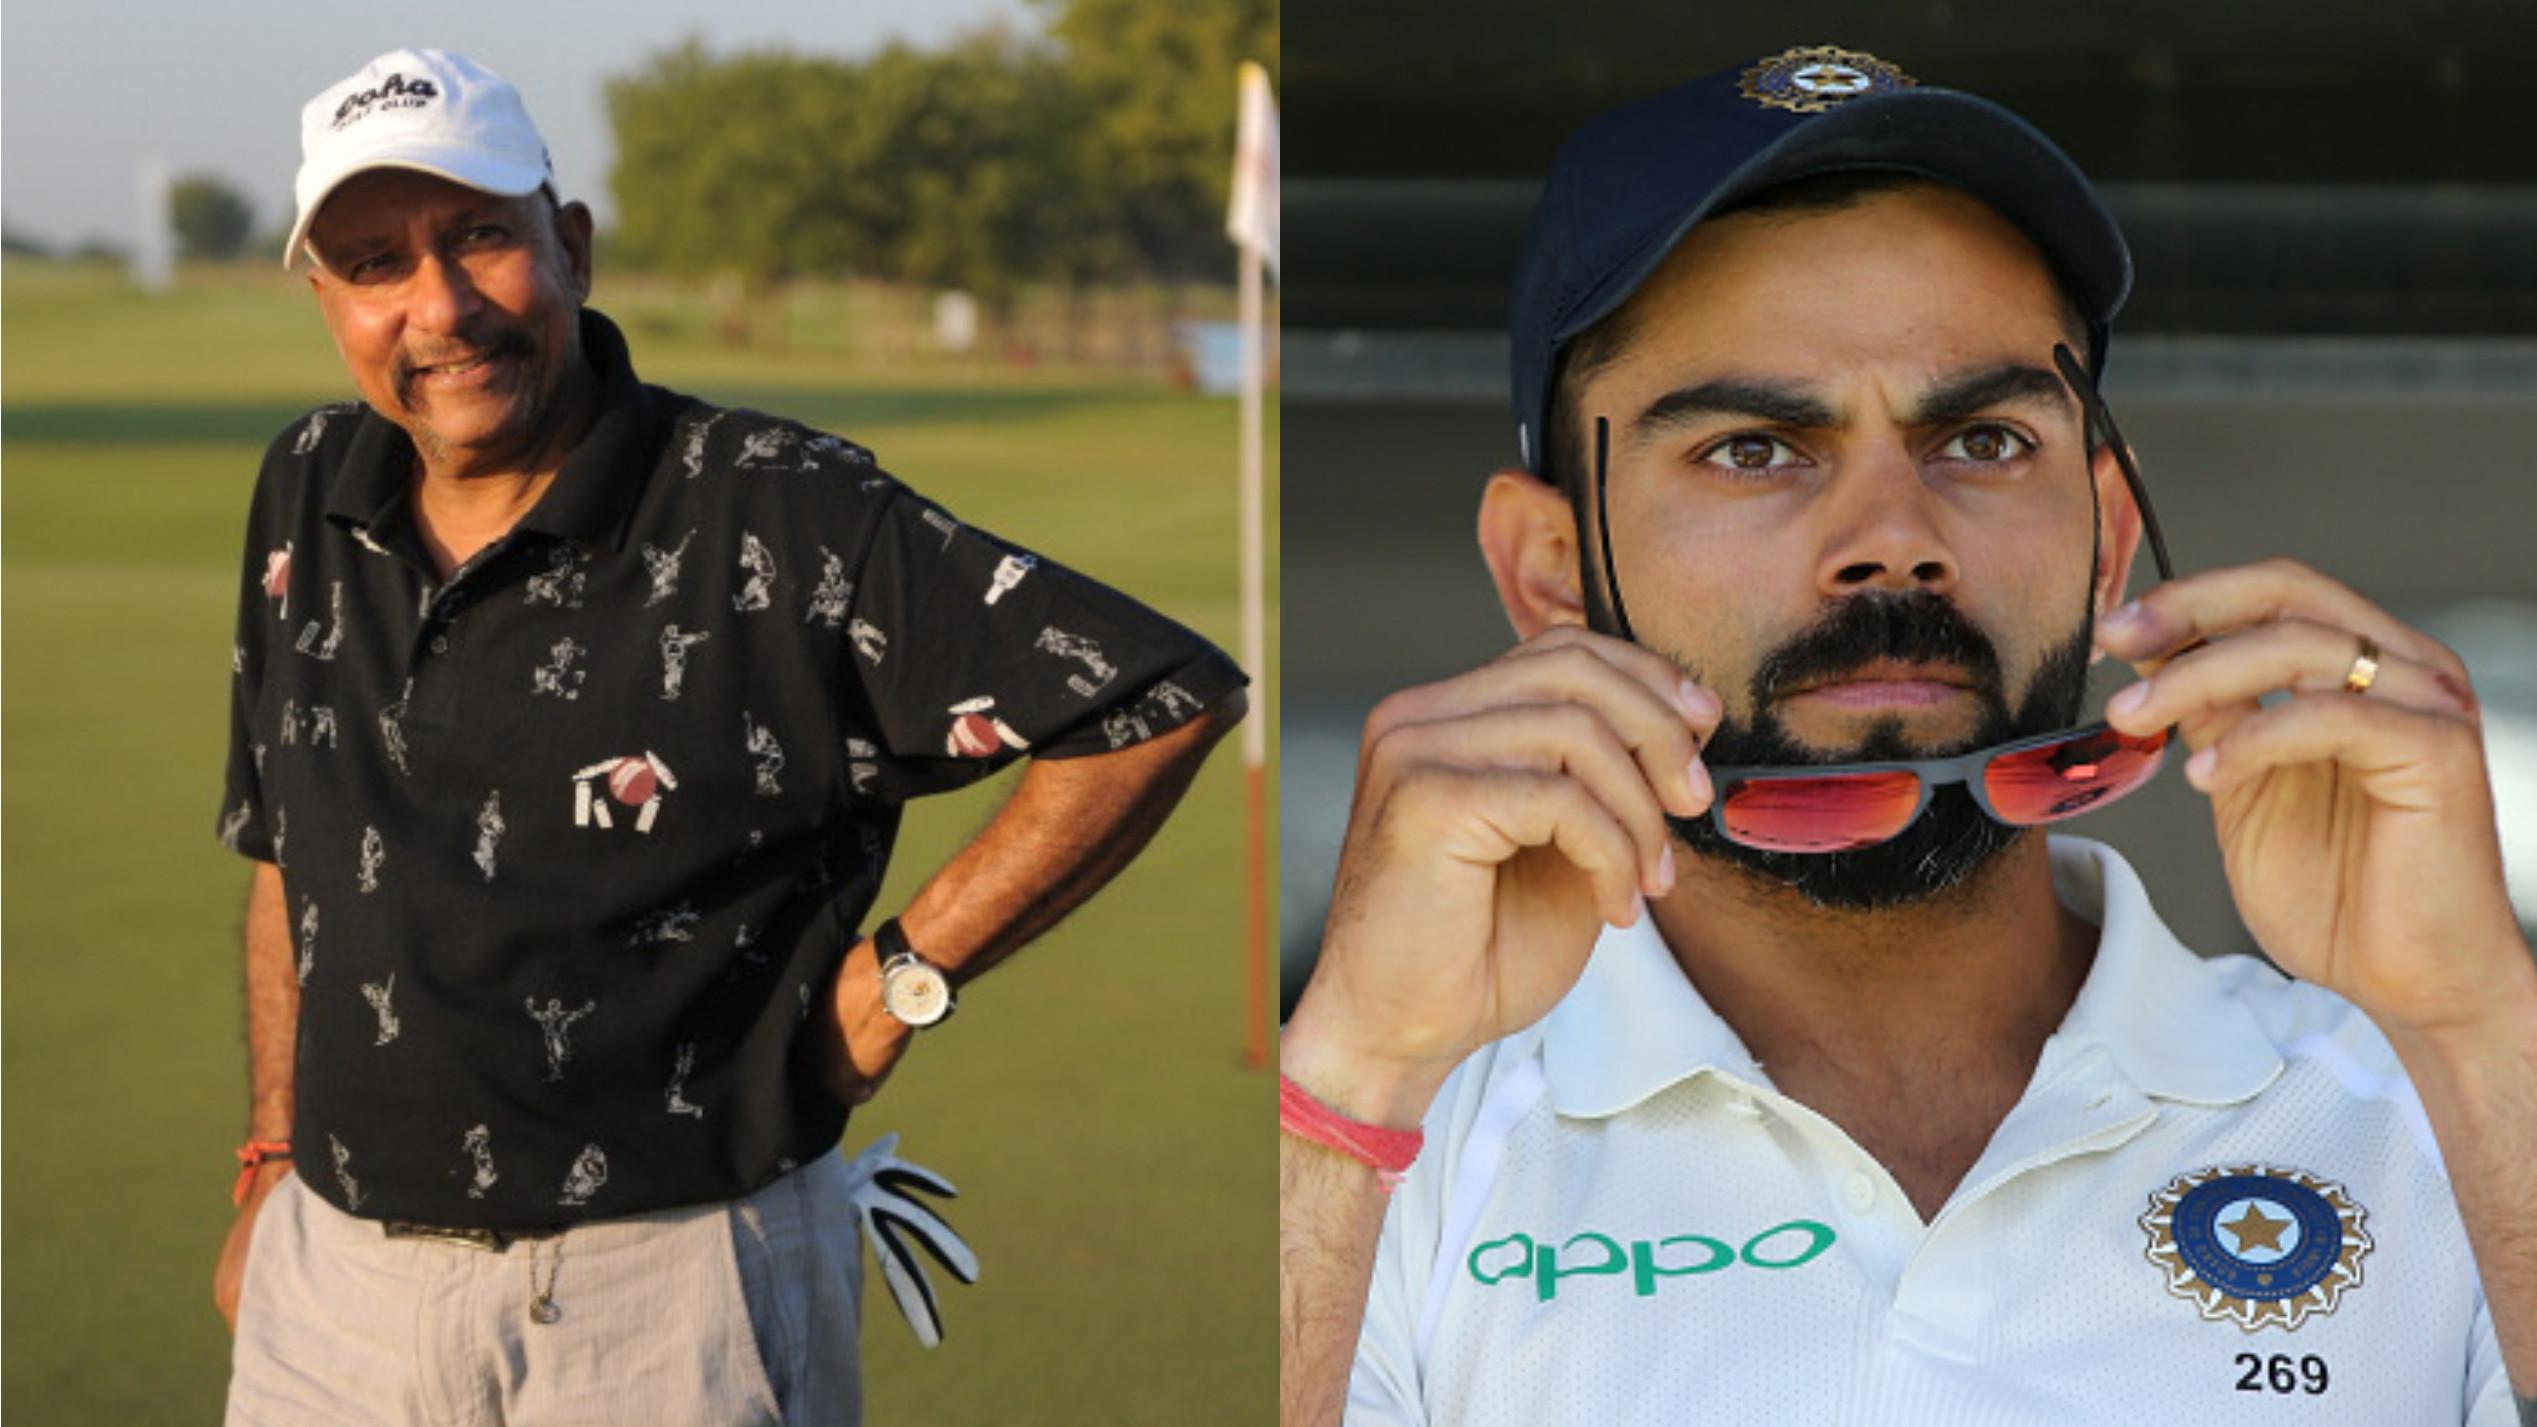 AUS v IND 2018-19 : सैयद किरमानी ने विराट कोहली का बचाव करते हुए कहा कि क्रिकेट में स्लेजिंग कोई नई चीज नहीं है